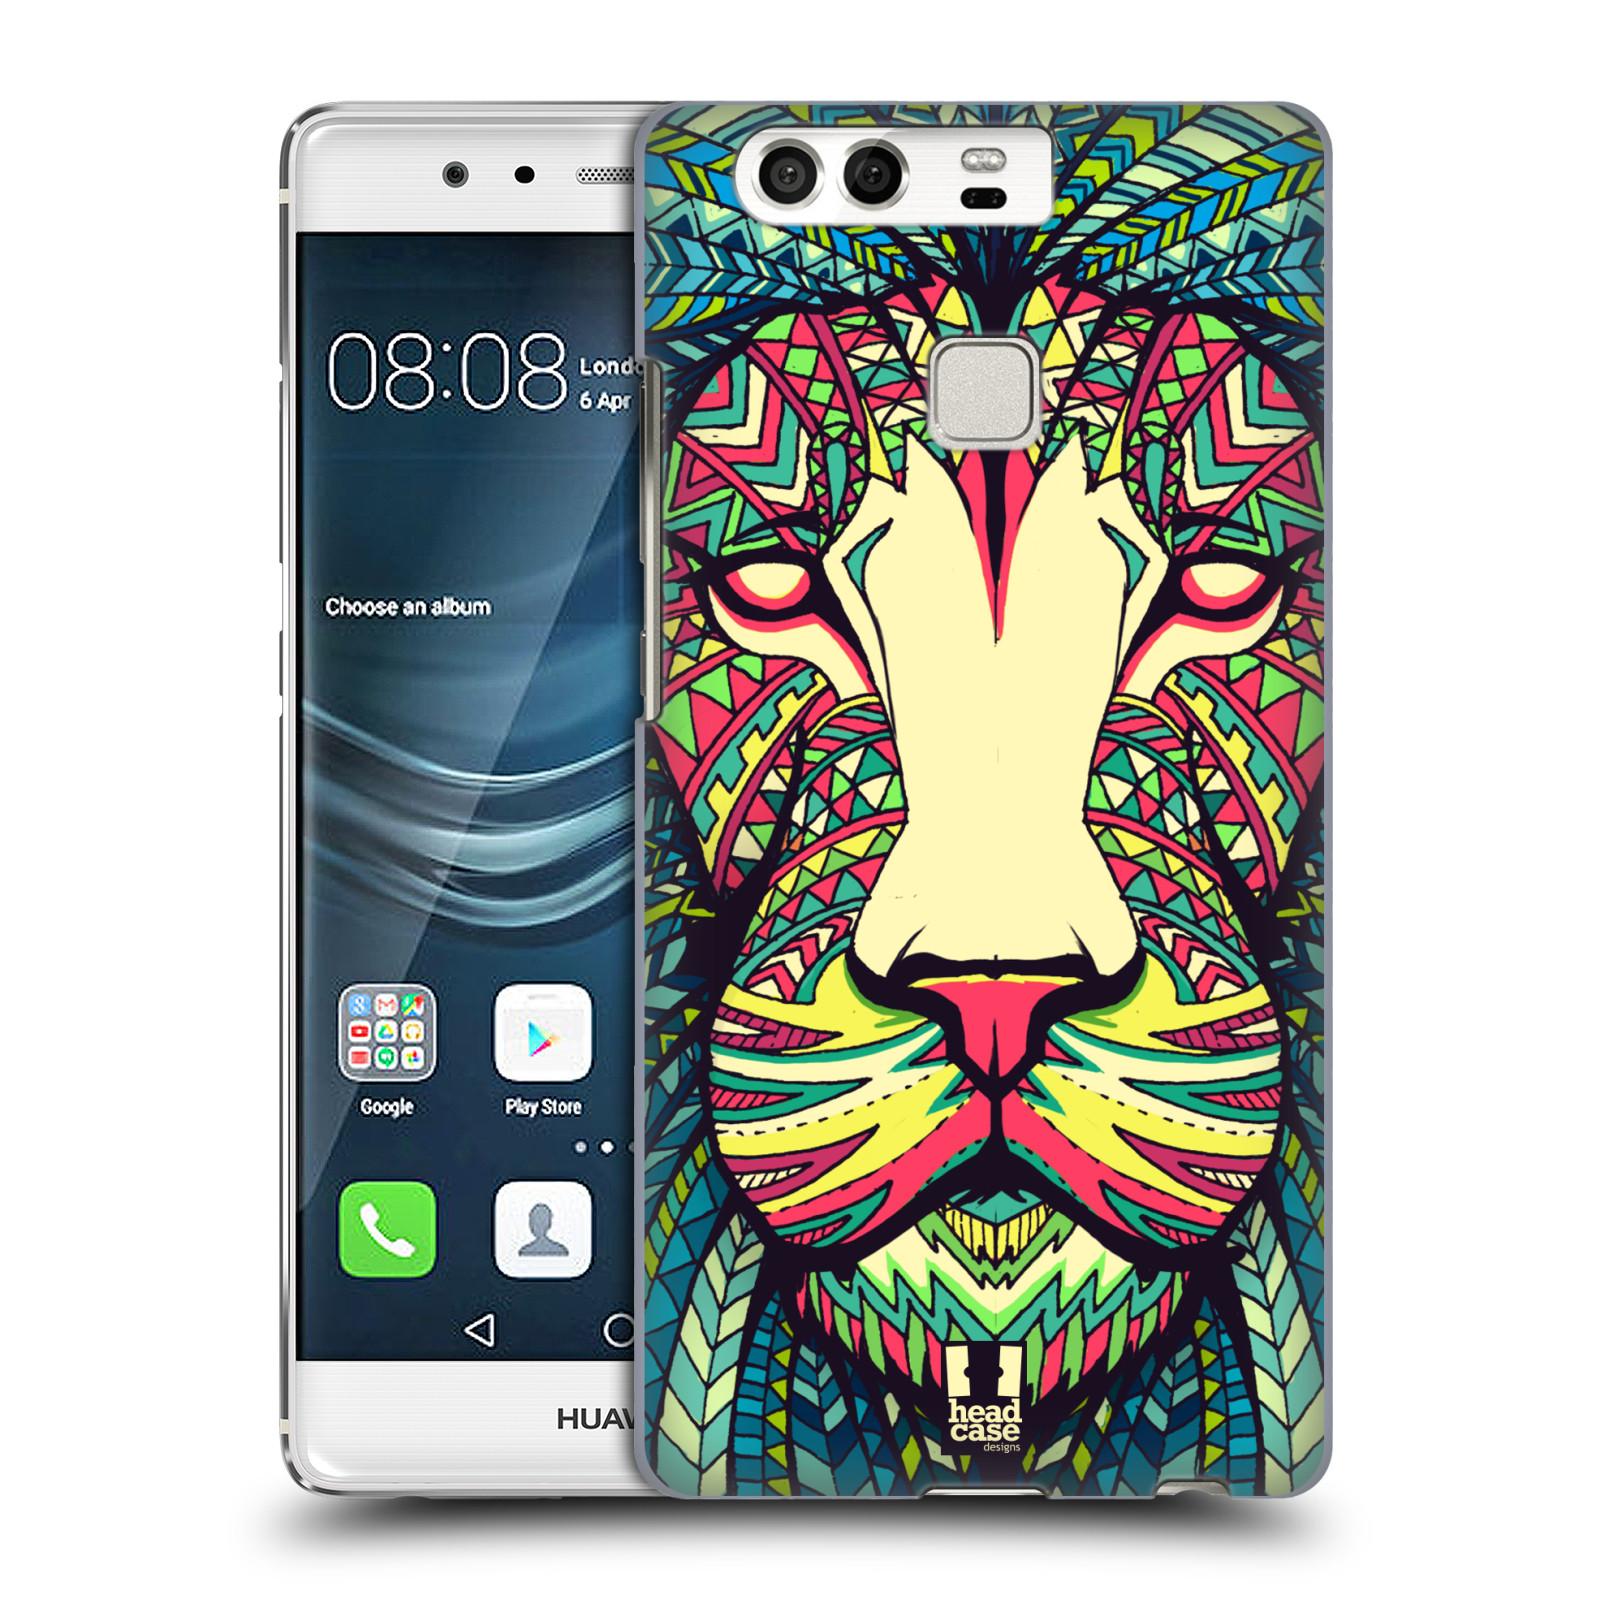 HEAD CASE plastový obal na mobil Huawei P9 / P9 DUAL SIM vzor Aztécký motiv zvíře lev